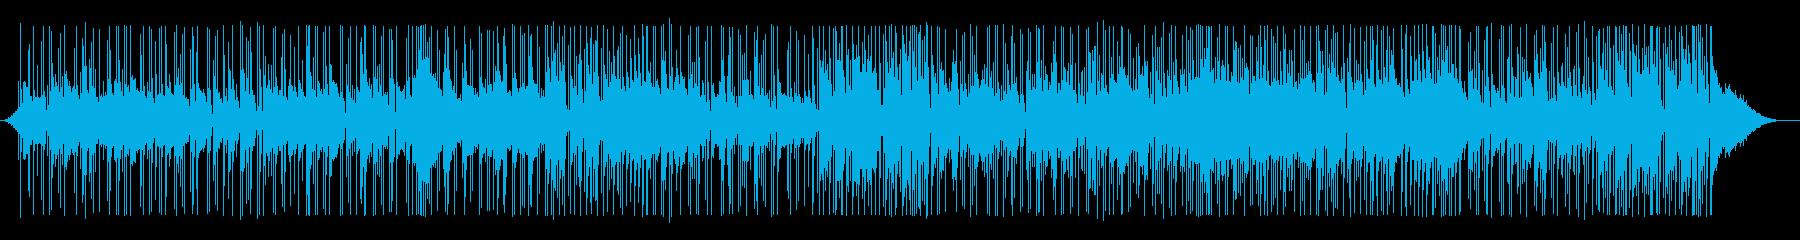 温かい感じのガットギター・フュージョンの再生済みの波形